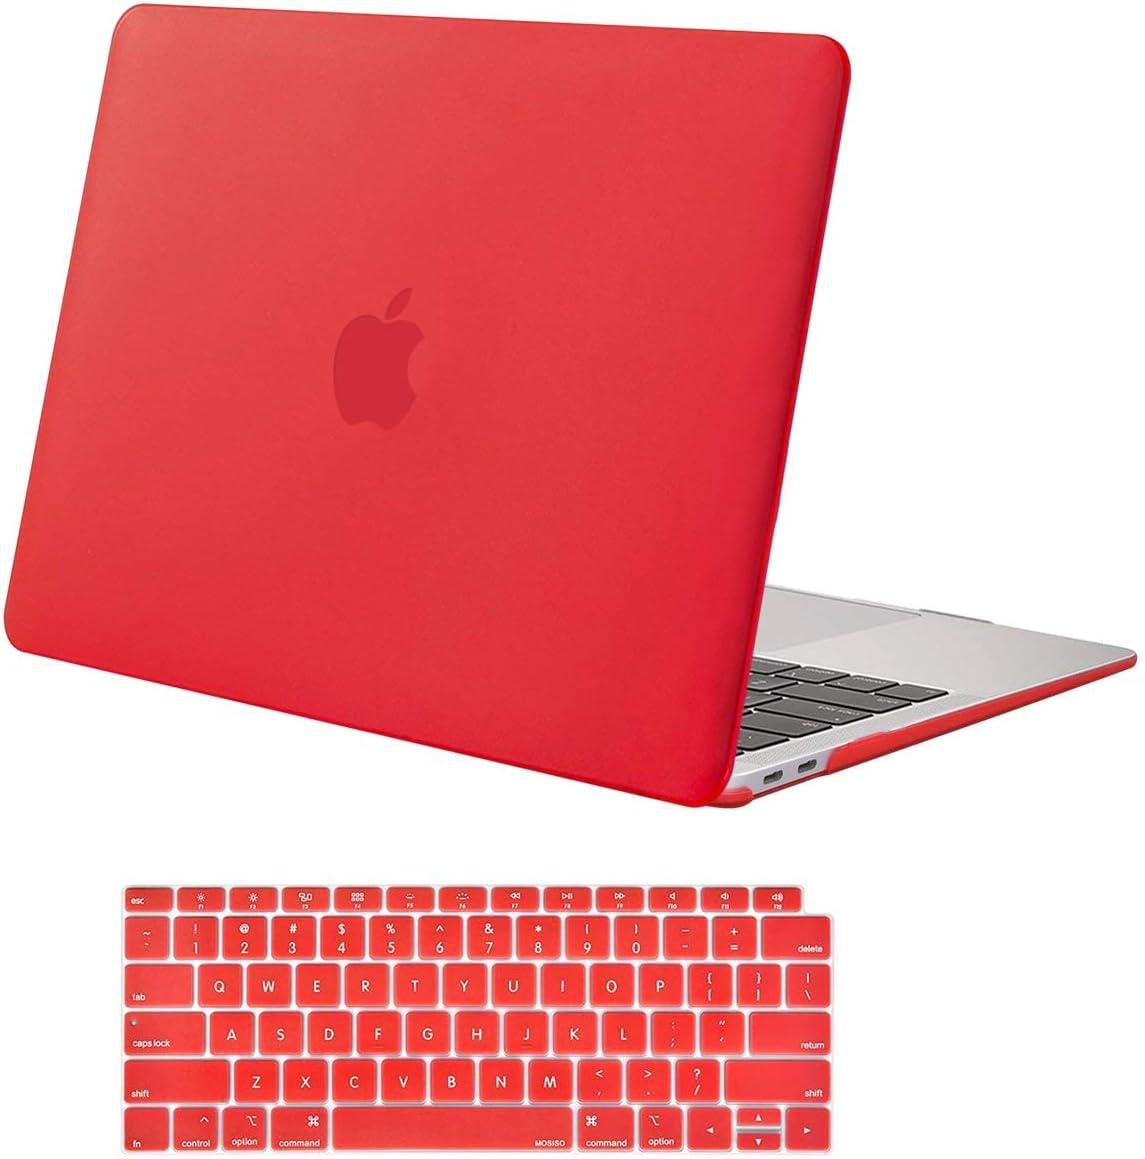 Funda y protector pantalla MacBook Air 13A2337 M1 A217 rojo